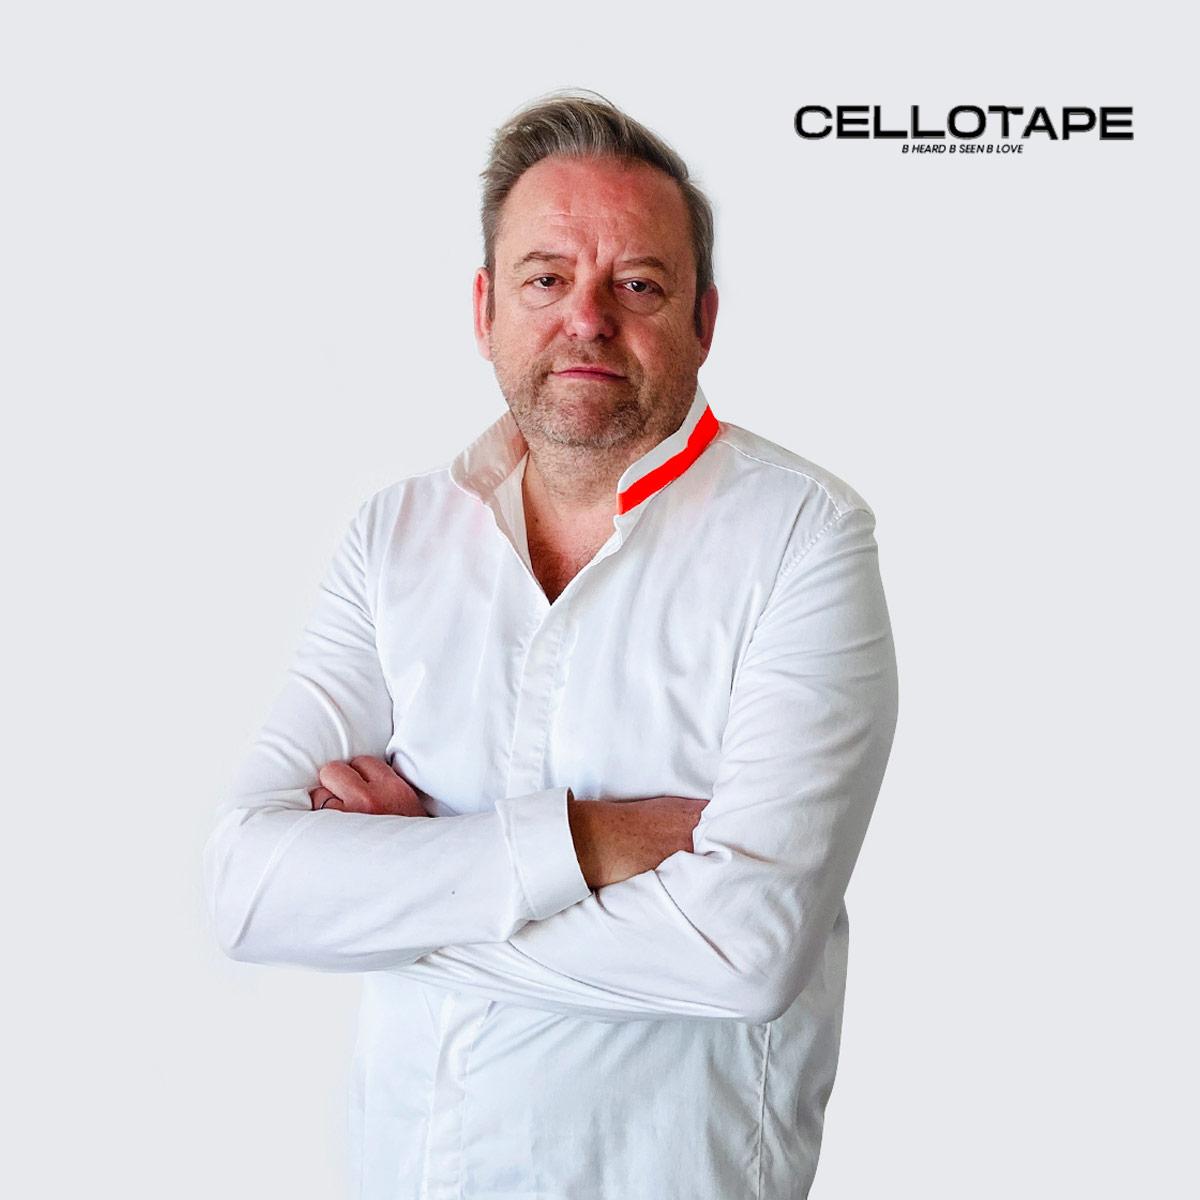 cellotape